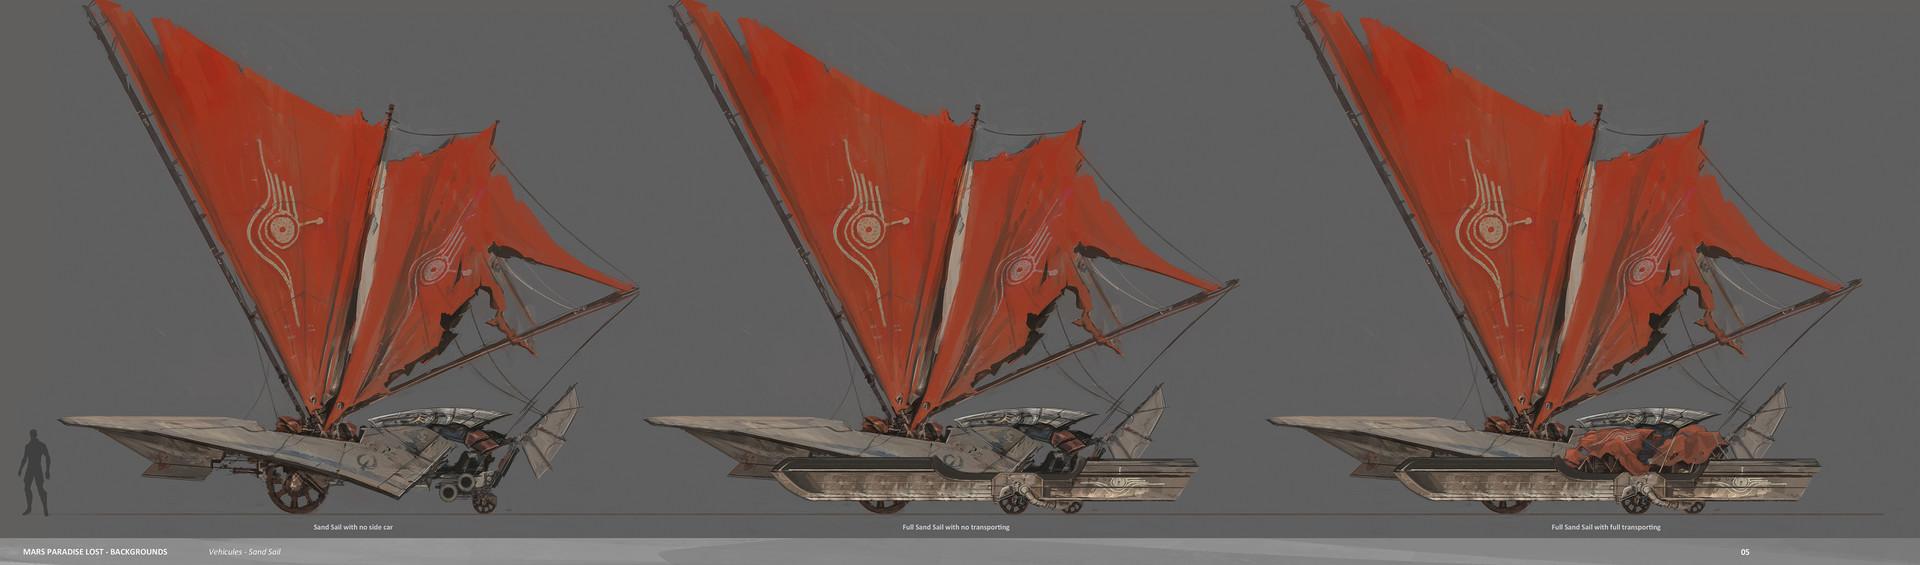 Alexandre chaudret mpl backgrounds vehicules sandsails06